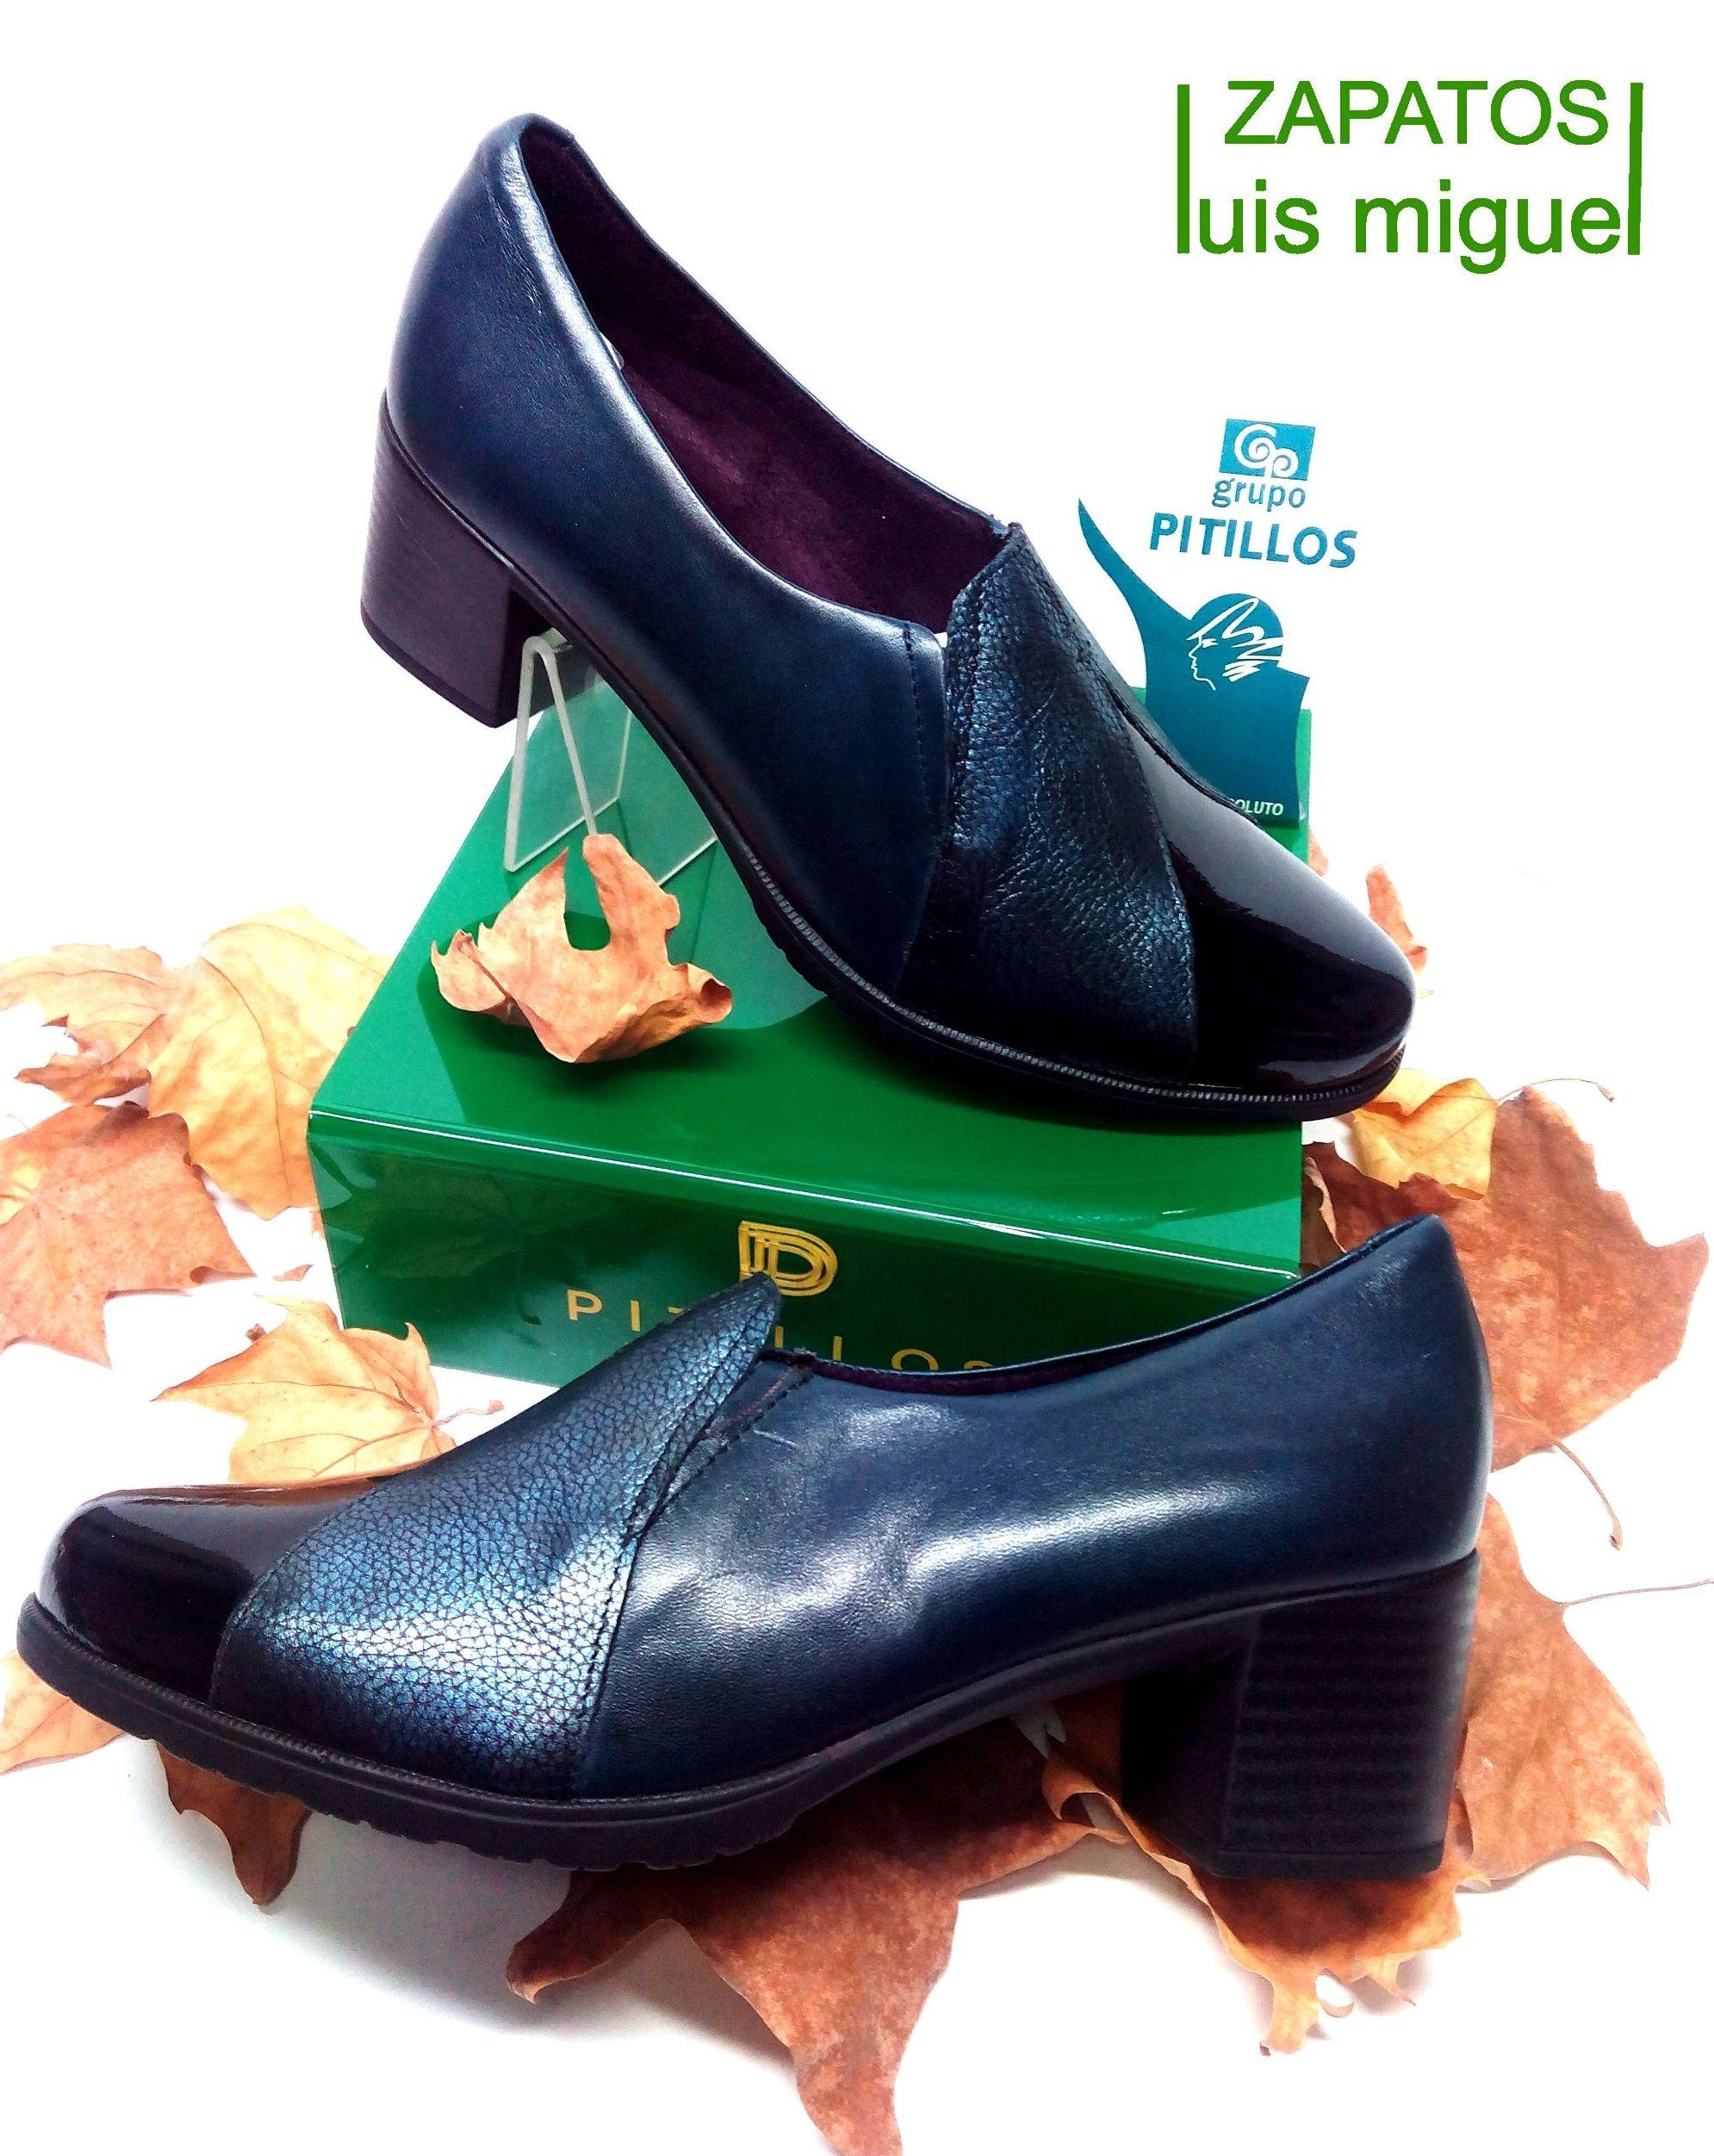 zapato abotinado con elasticos: Catalogo de productos de Zapatos Luis Miguel